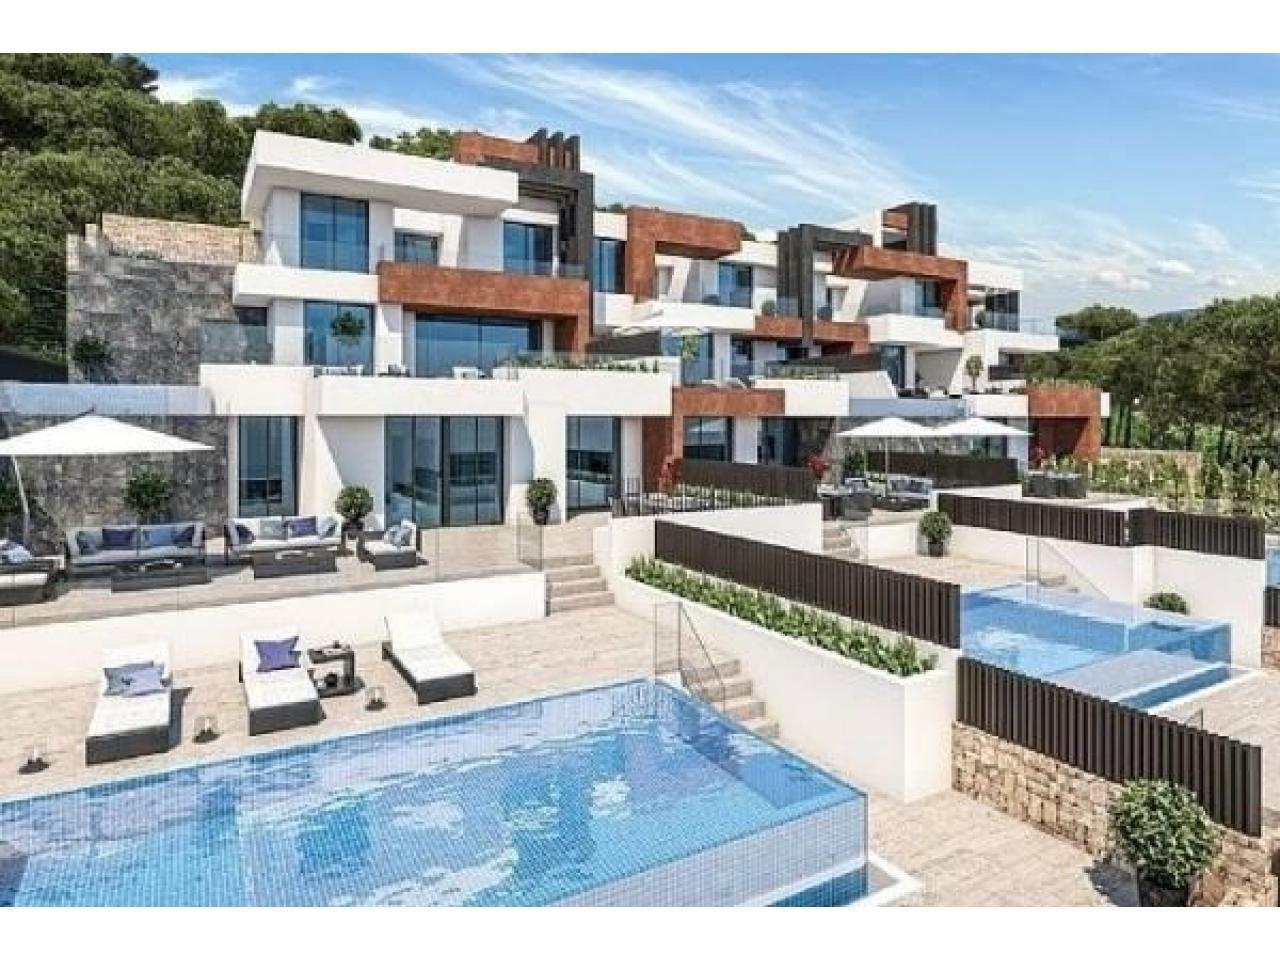 Недвижимость в Испании, Новые квартиры с видами на море от застройщика в Бенидорм - 2